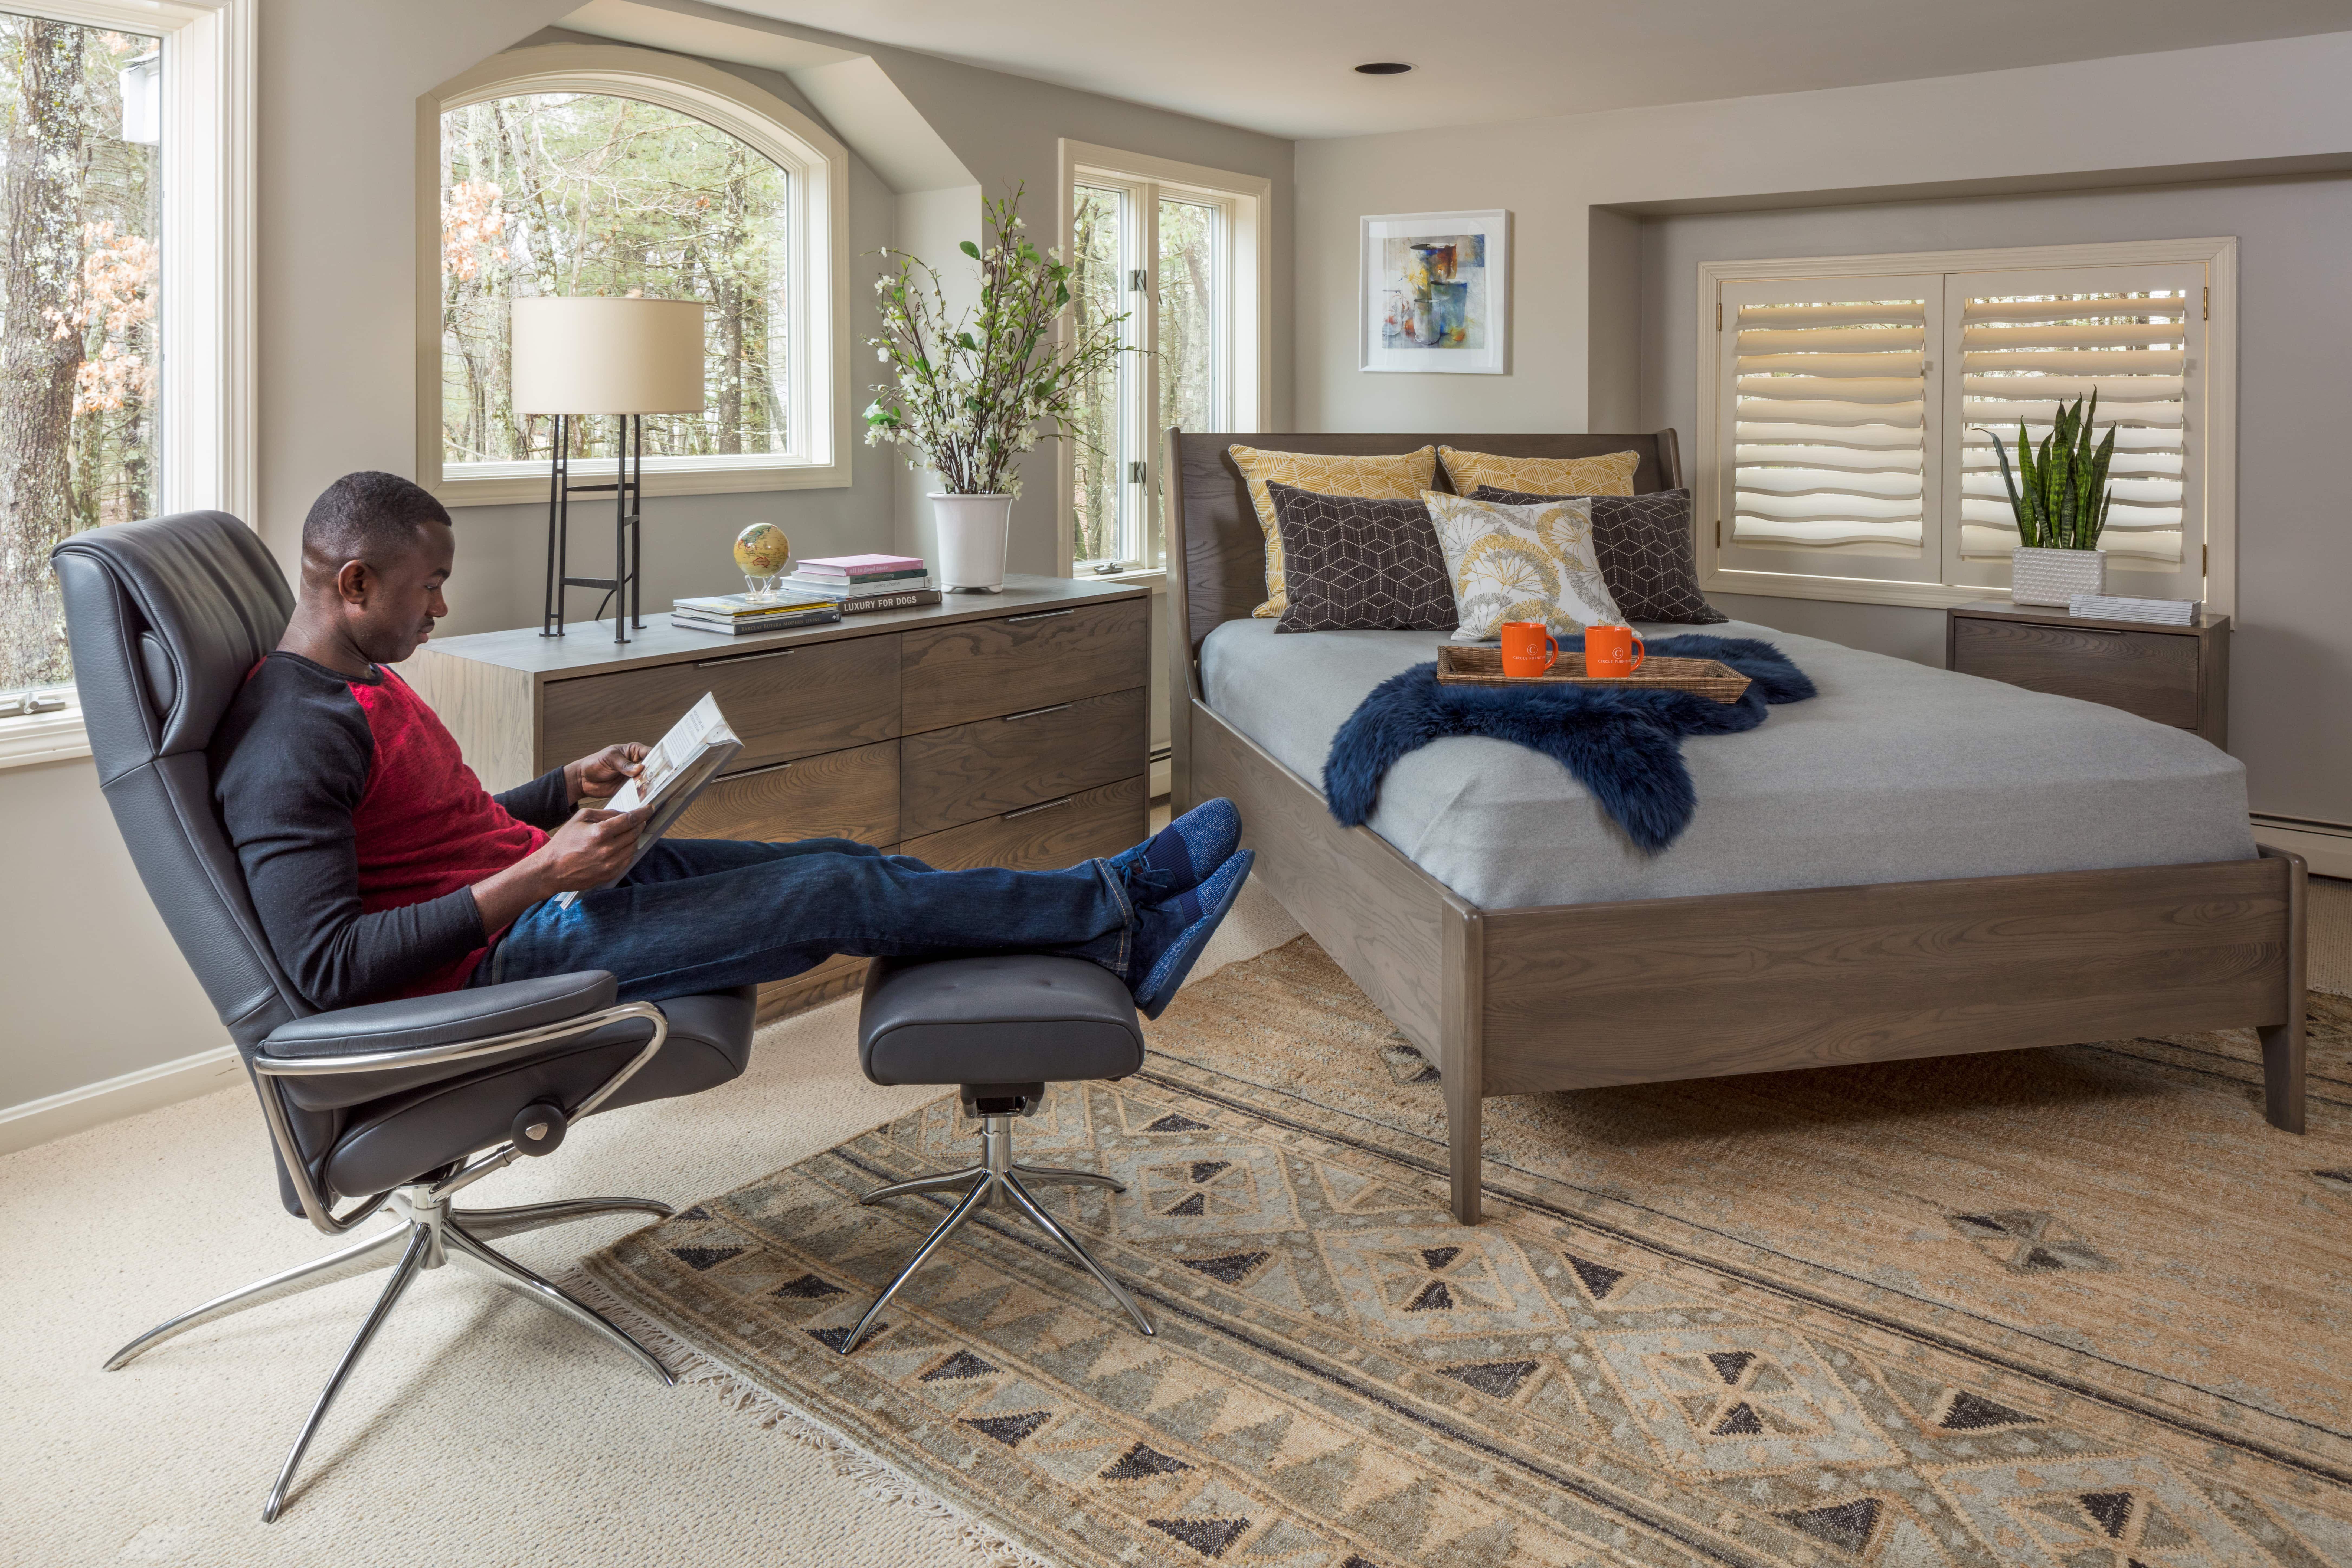 30 Tv In Master Bedroom Luxury Bedroom Master